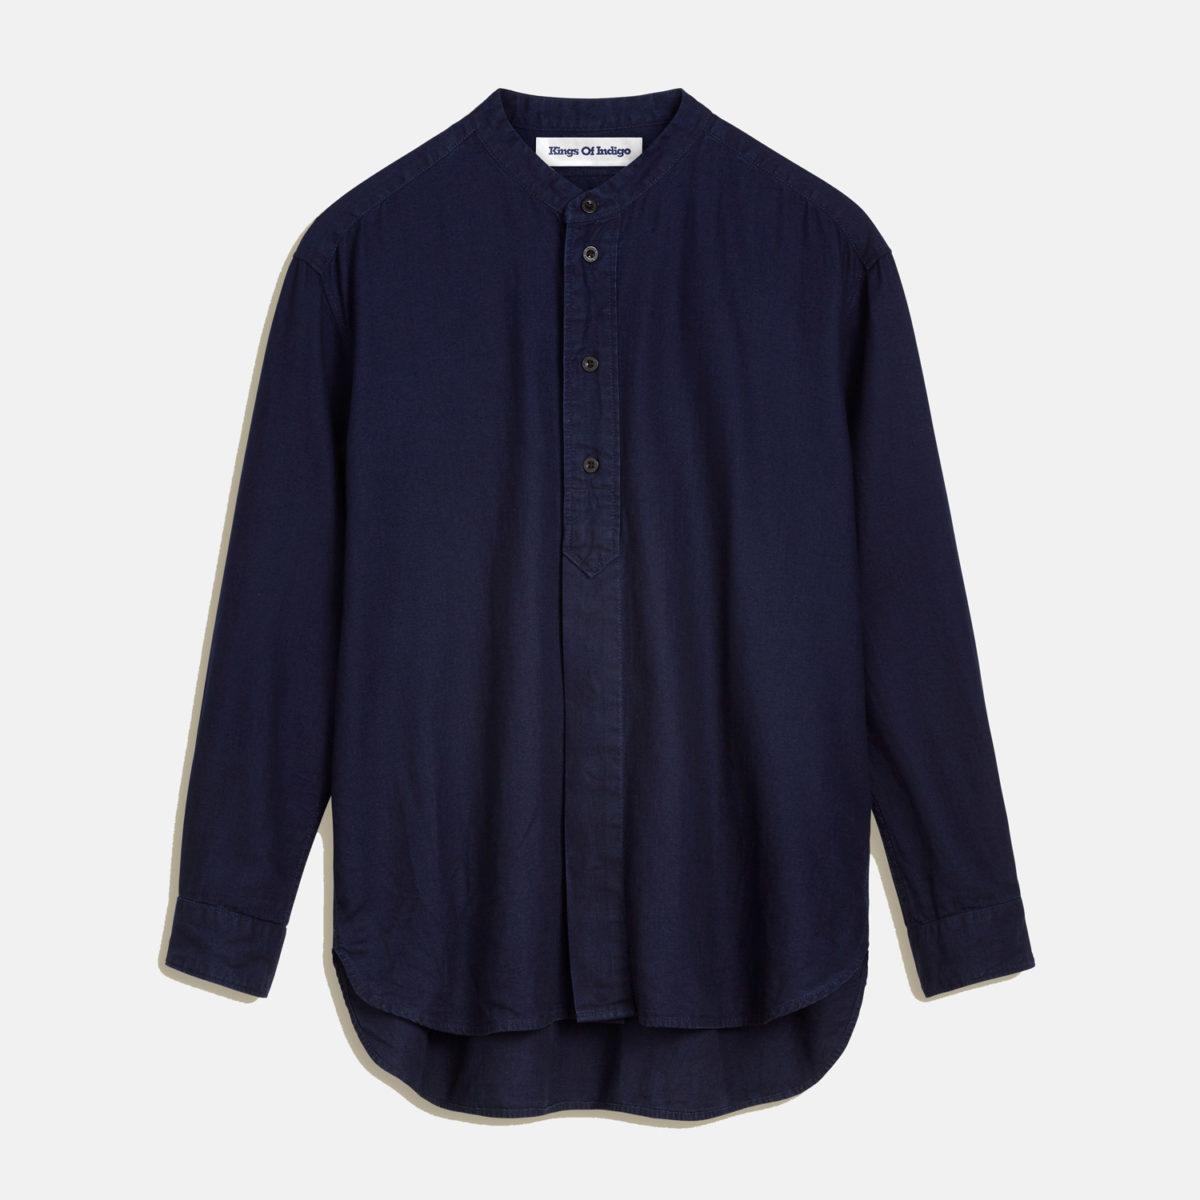 Takata är en ekologisk damskjorta med mandarinkrage från Kings of Indigo. Ett av världens ledande och mest progressiva företag inom hållbart mode.